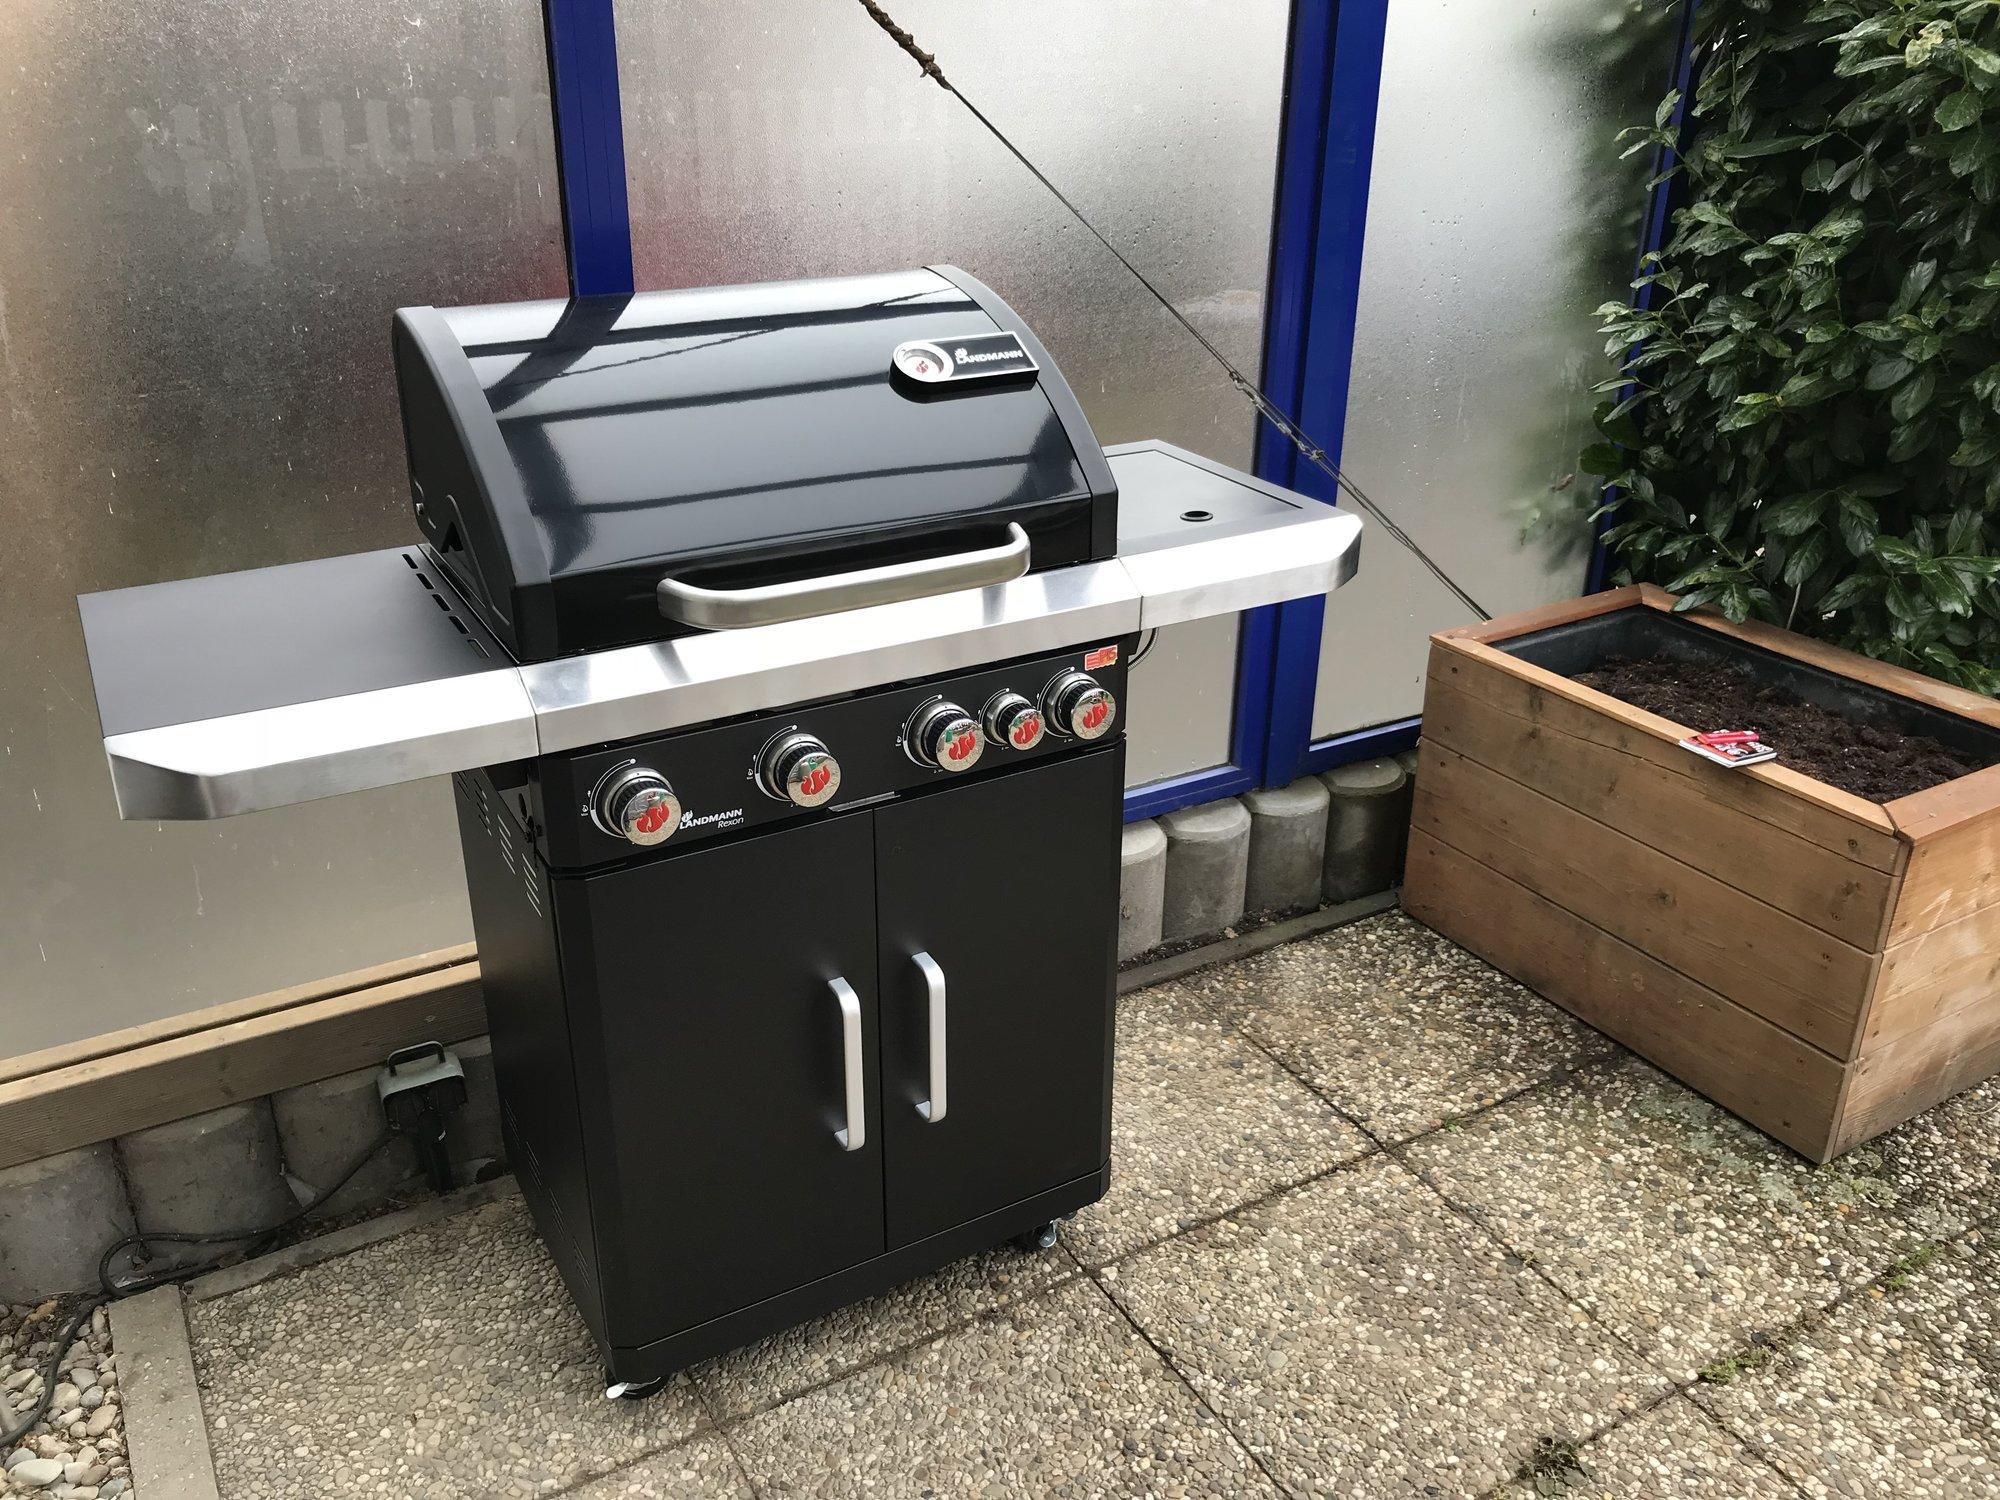 Landmann Gasgrill Frankfurt : Landmann gasgrillwagen br für u ac inkl versand